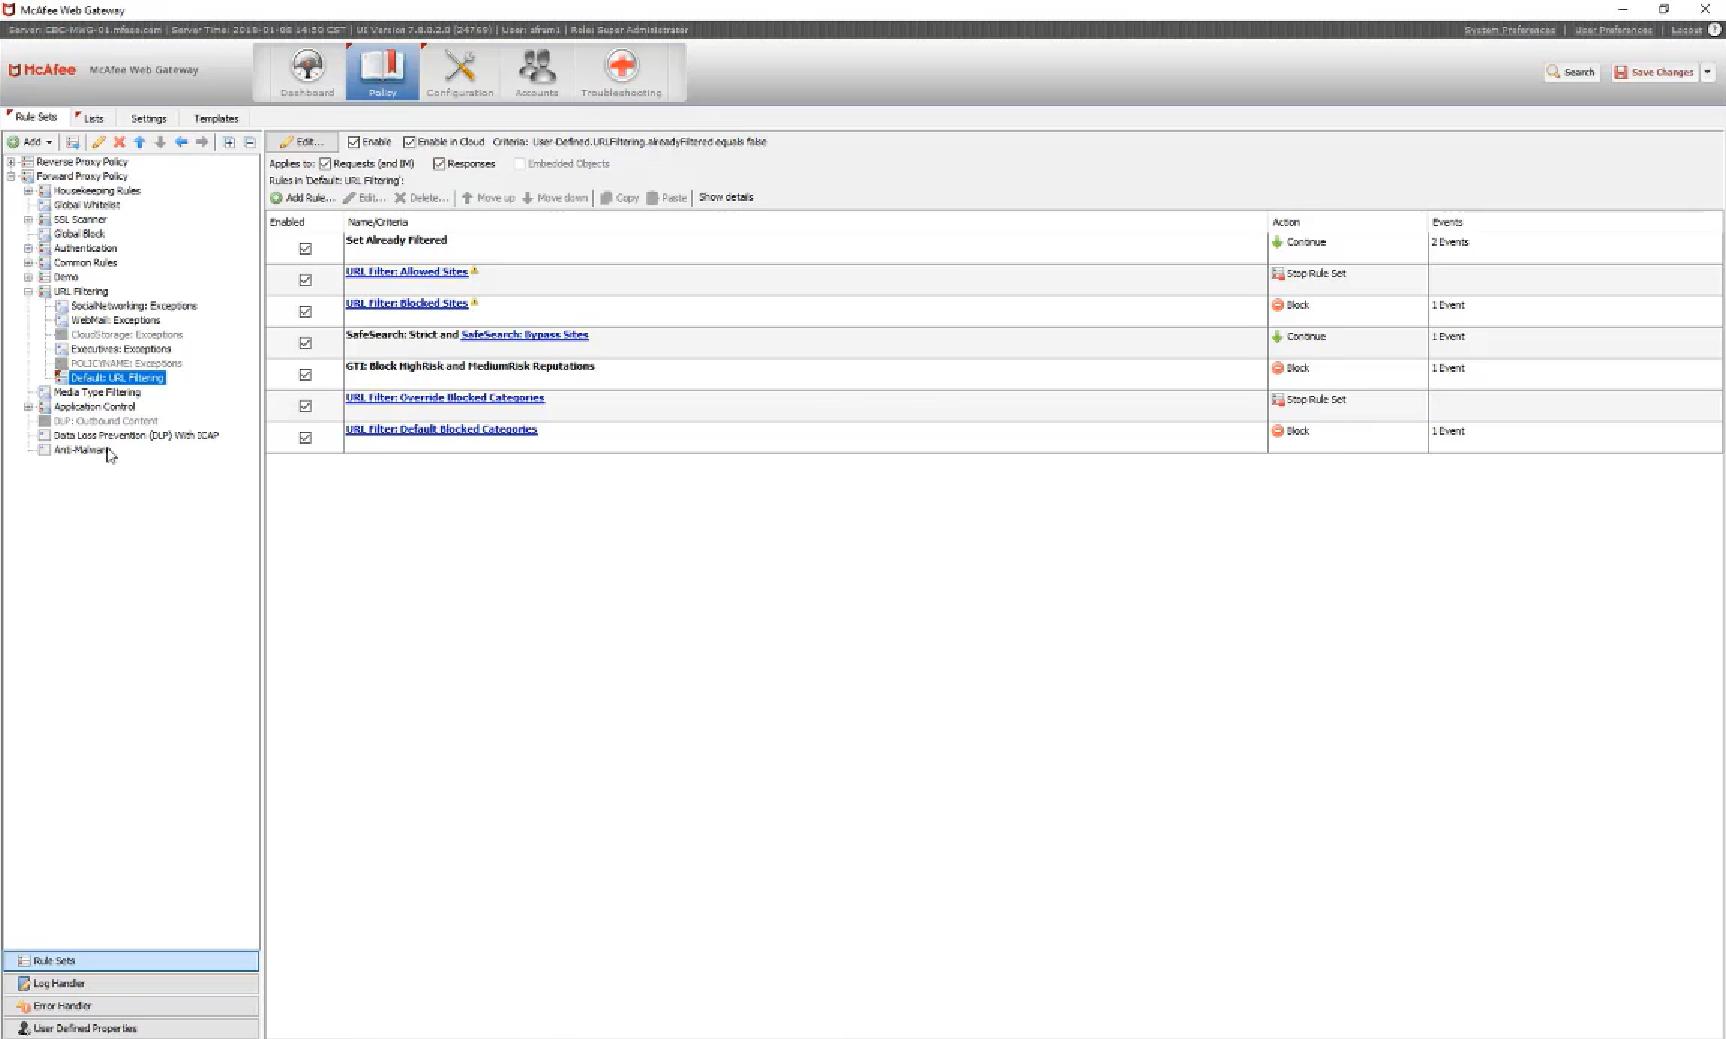 McAfee Secure Web Gateway policies